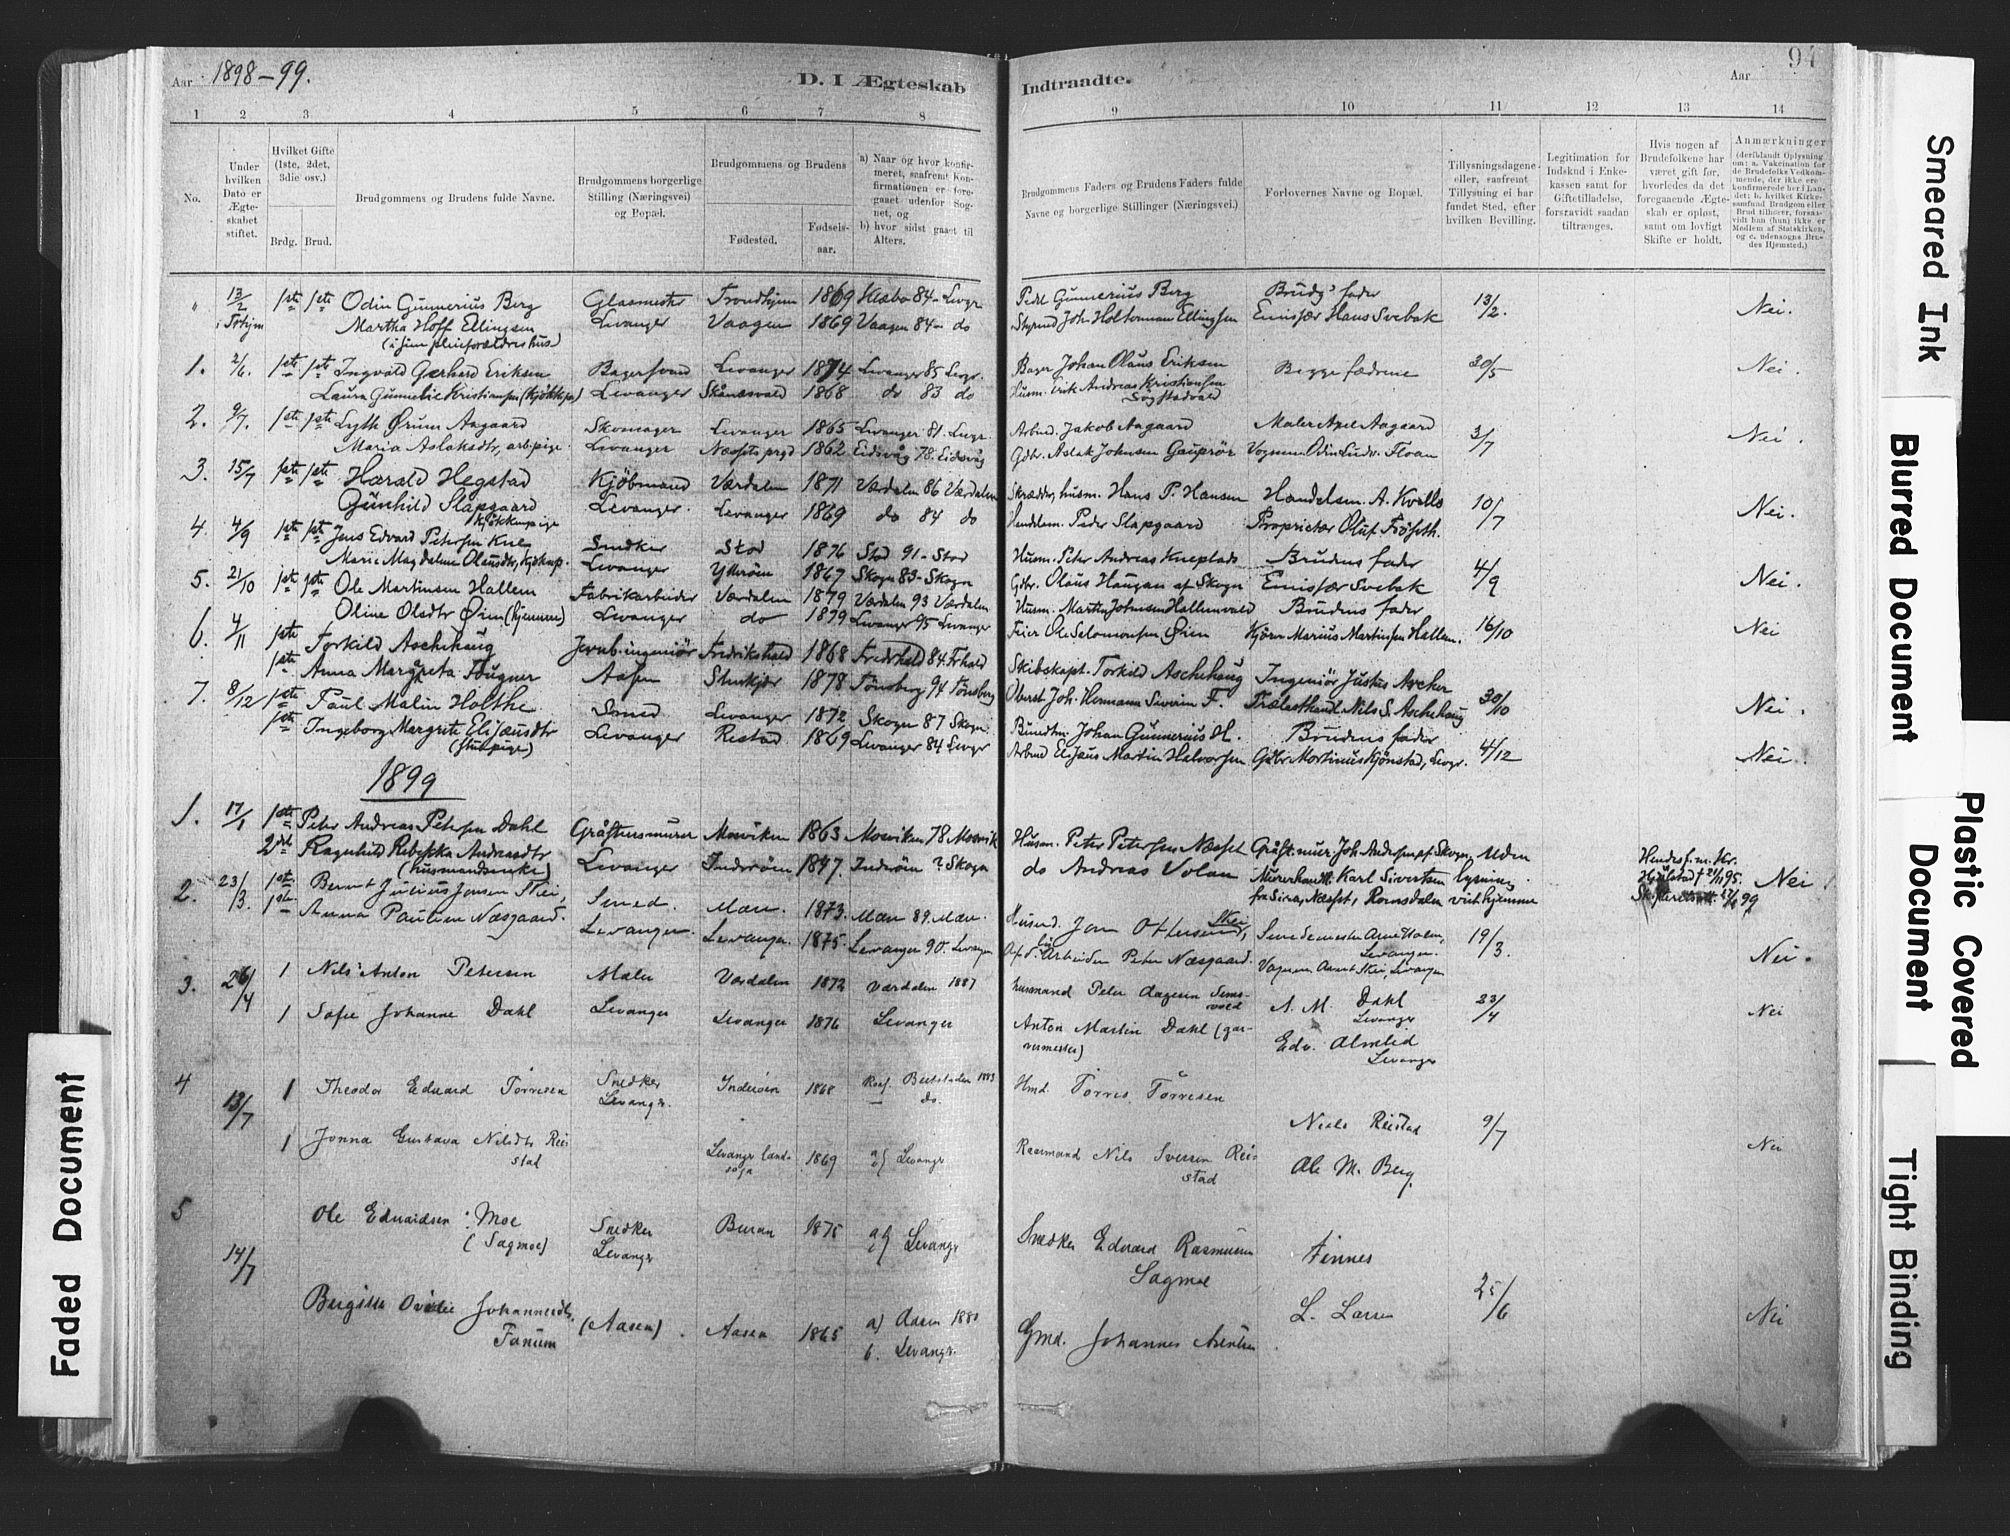 SAT, Ministerialprotokoller, klokkerbøker og fødselsregistre - Nord-Trøndelag, 720/L0189: Ministerialbok nr. 720A05, 1880-1911, s. 94